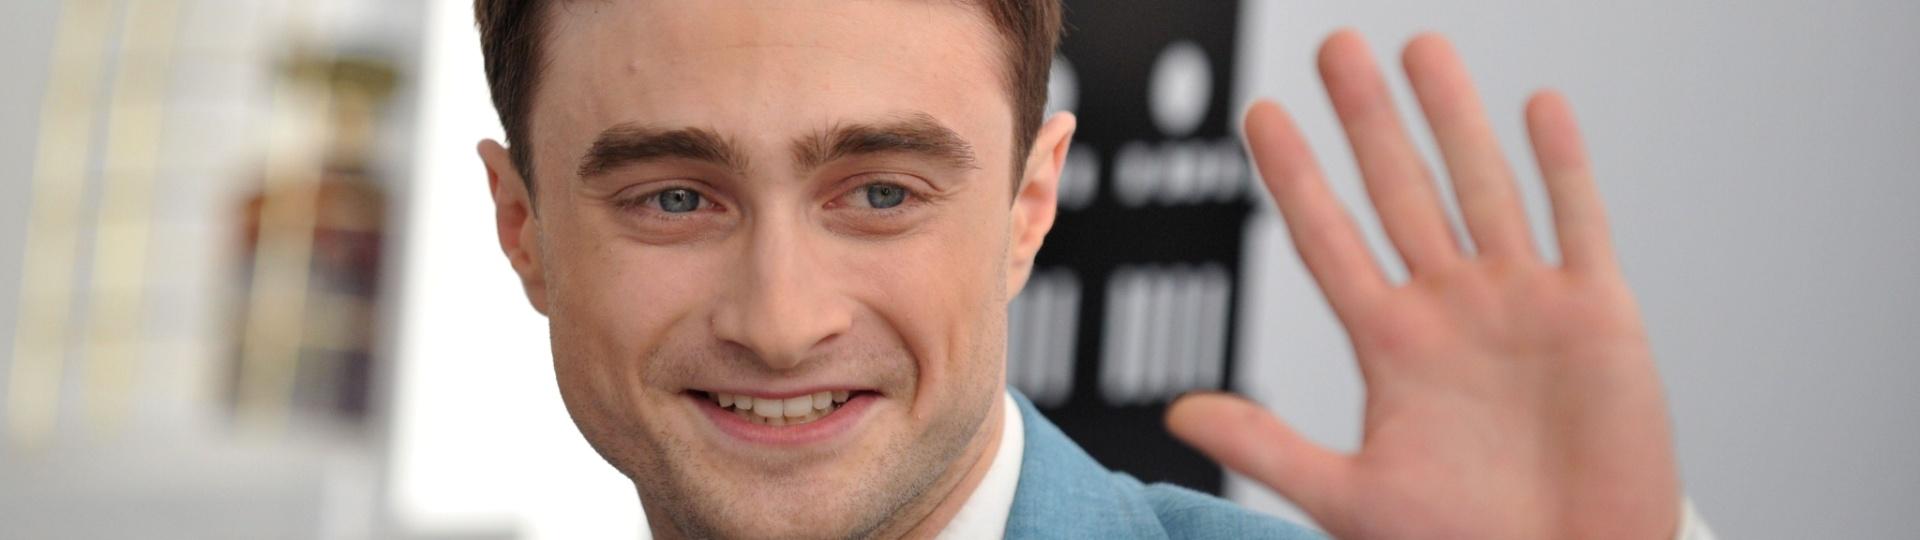 2.set.2013 - O ator Daniel Radcliffe, que interpreta o poeta Allen Ginsberg no longa